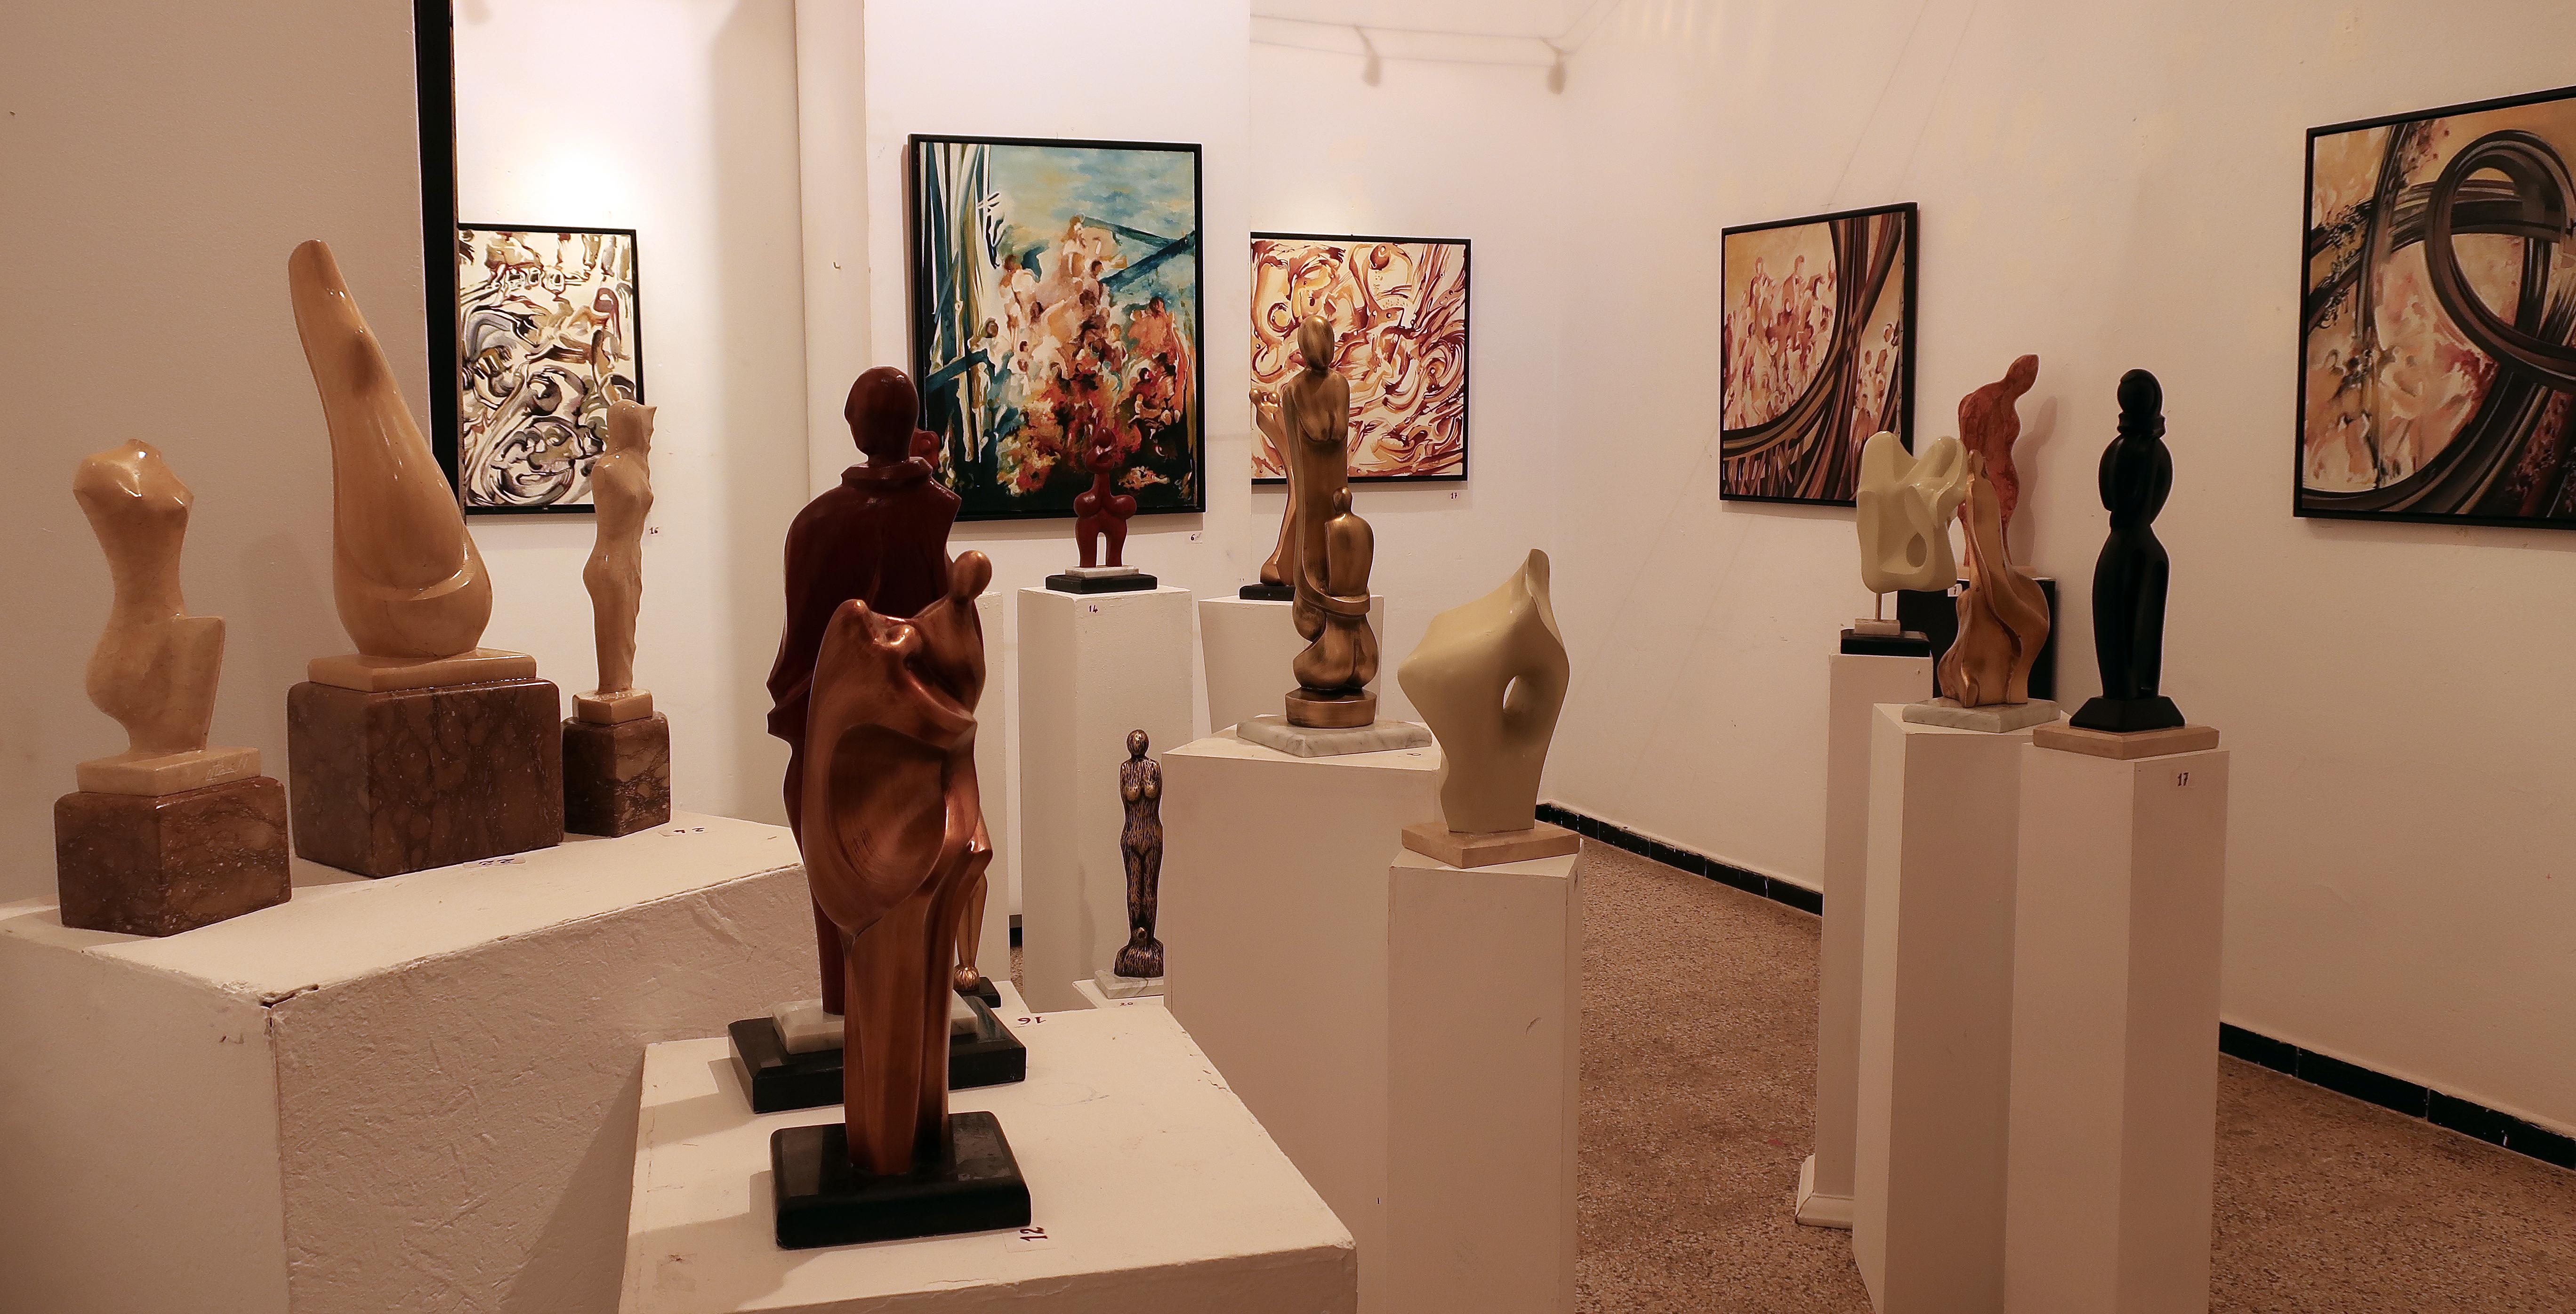 Kunst Kunstausstellung Ausstellung Kunstgalerie Moderne Kunst Museum  Touristenattraktion Sammlung Kunsthändler